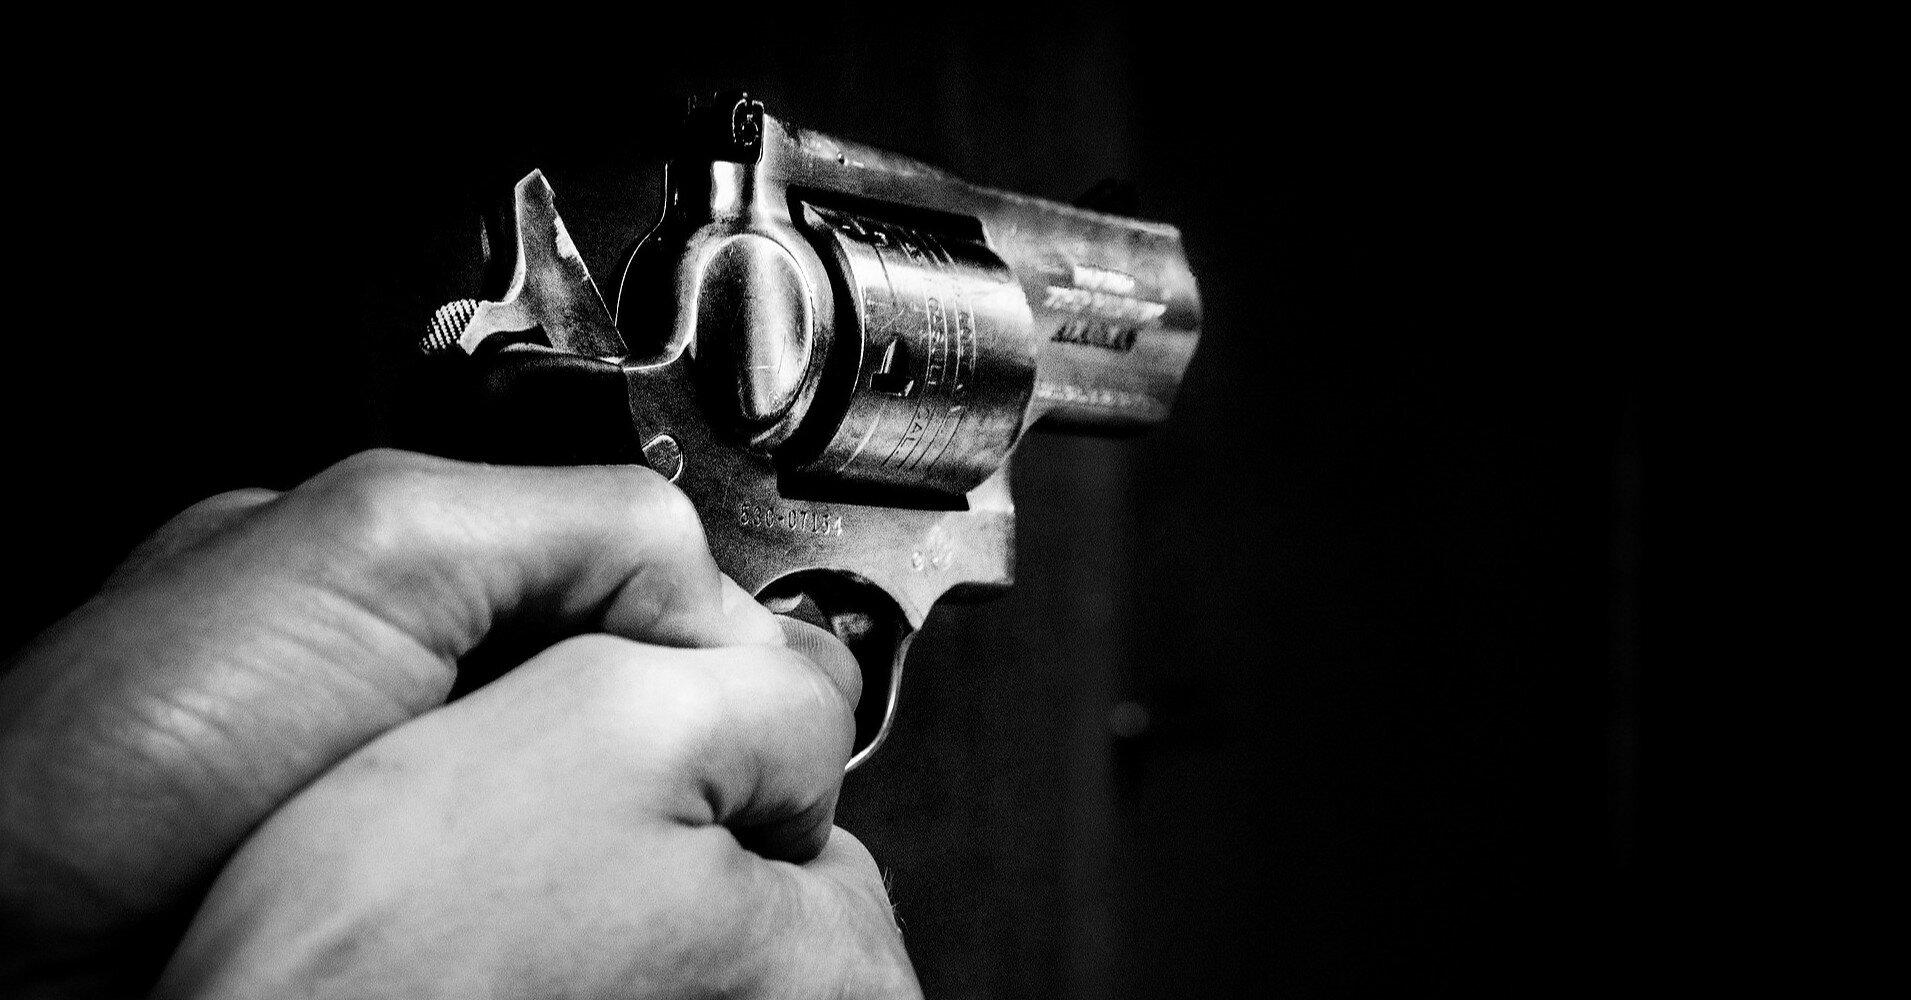 В Германии произошла стрельба со смертельным исходом